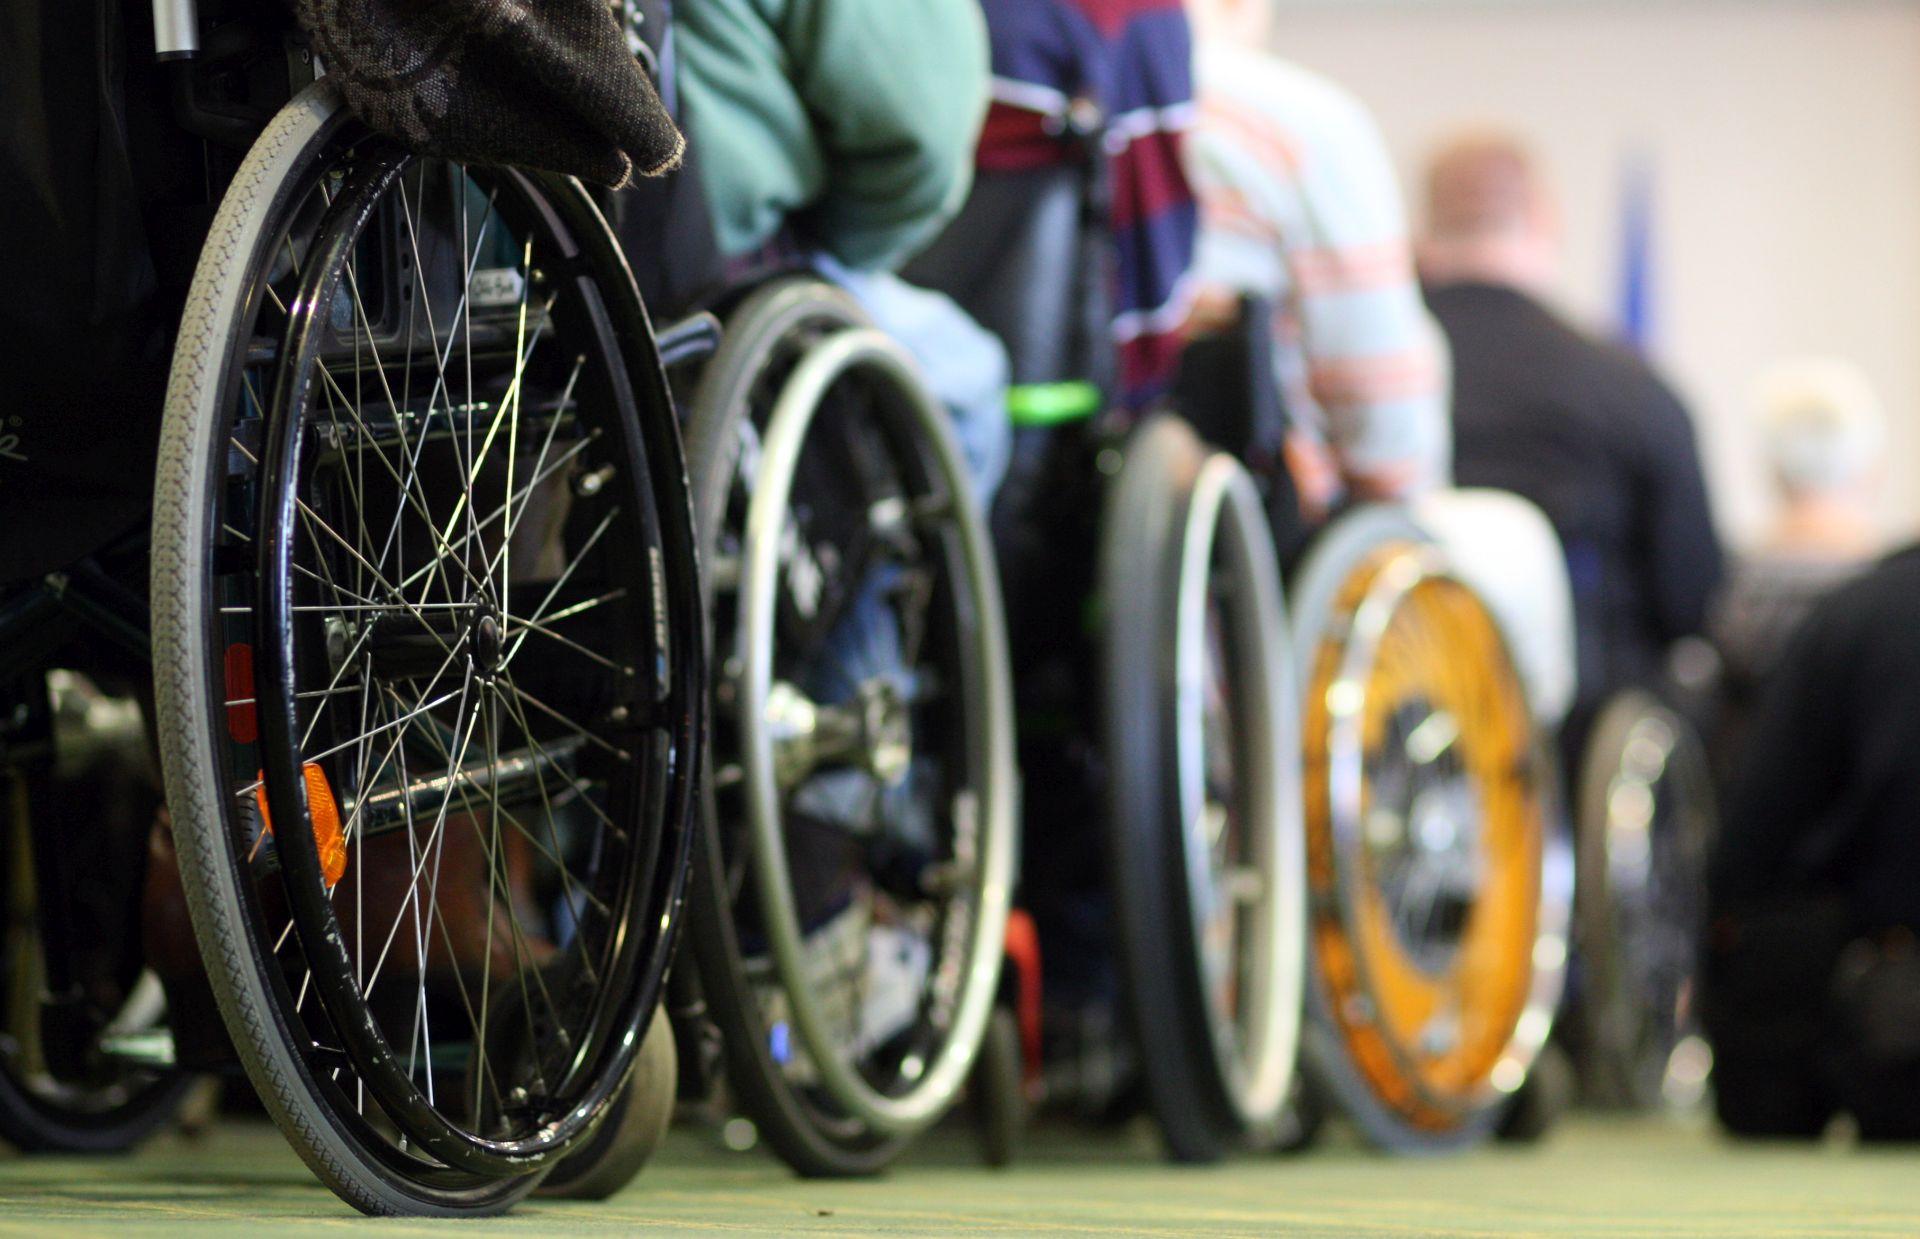 50 milijuna kuna za šport osoba s invaliditetom i djece s teškoćama u razvoju